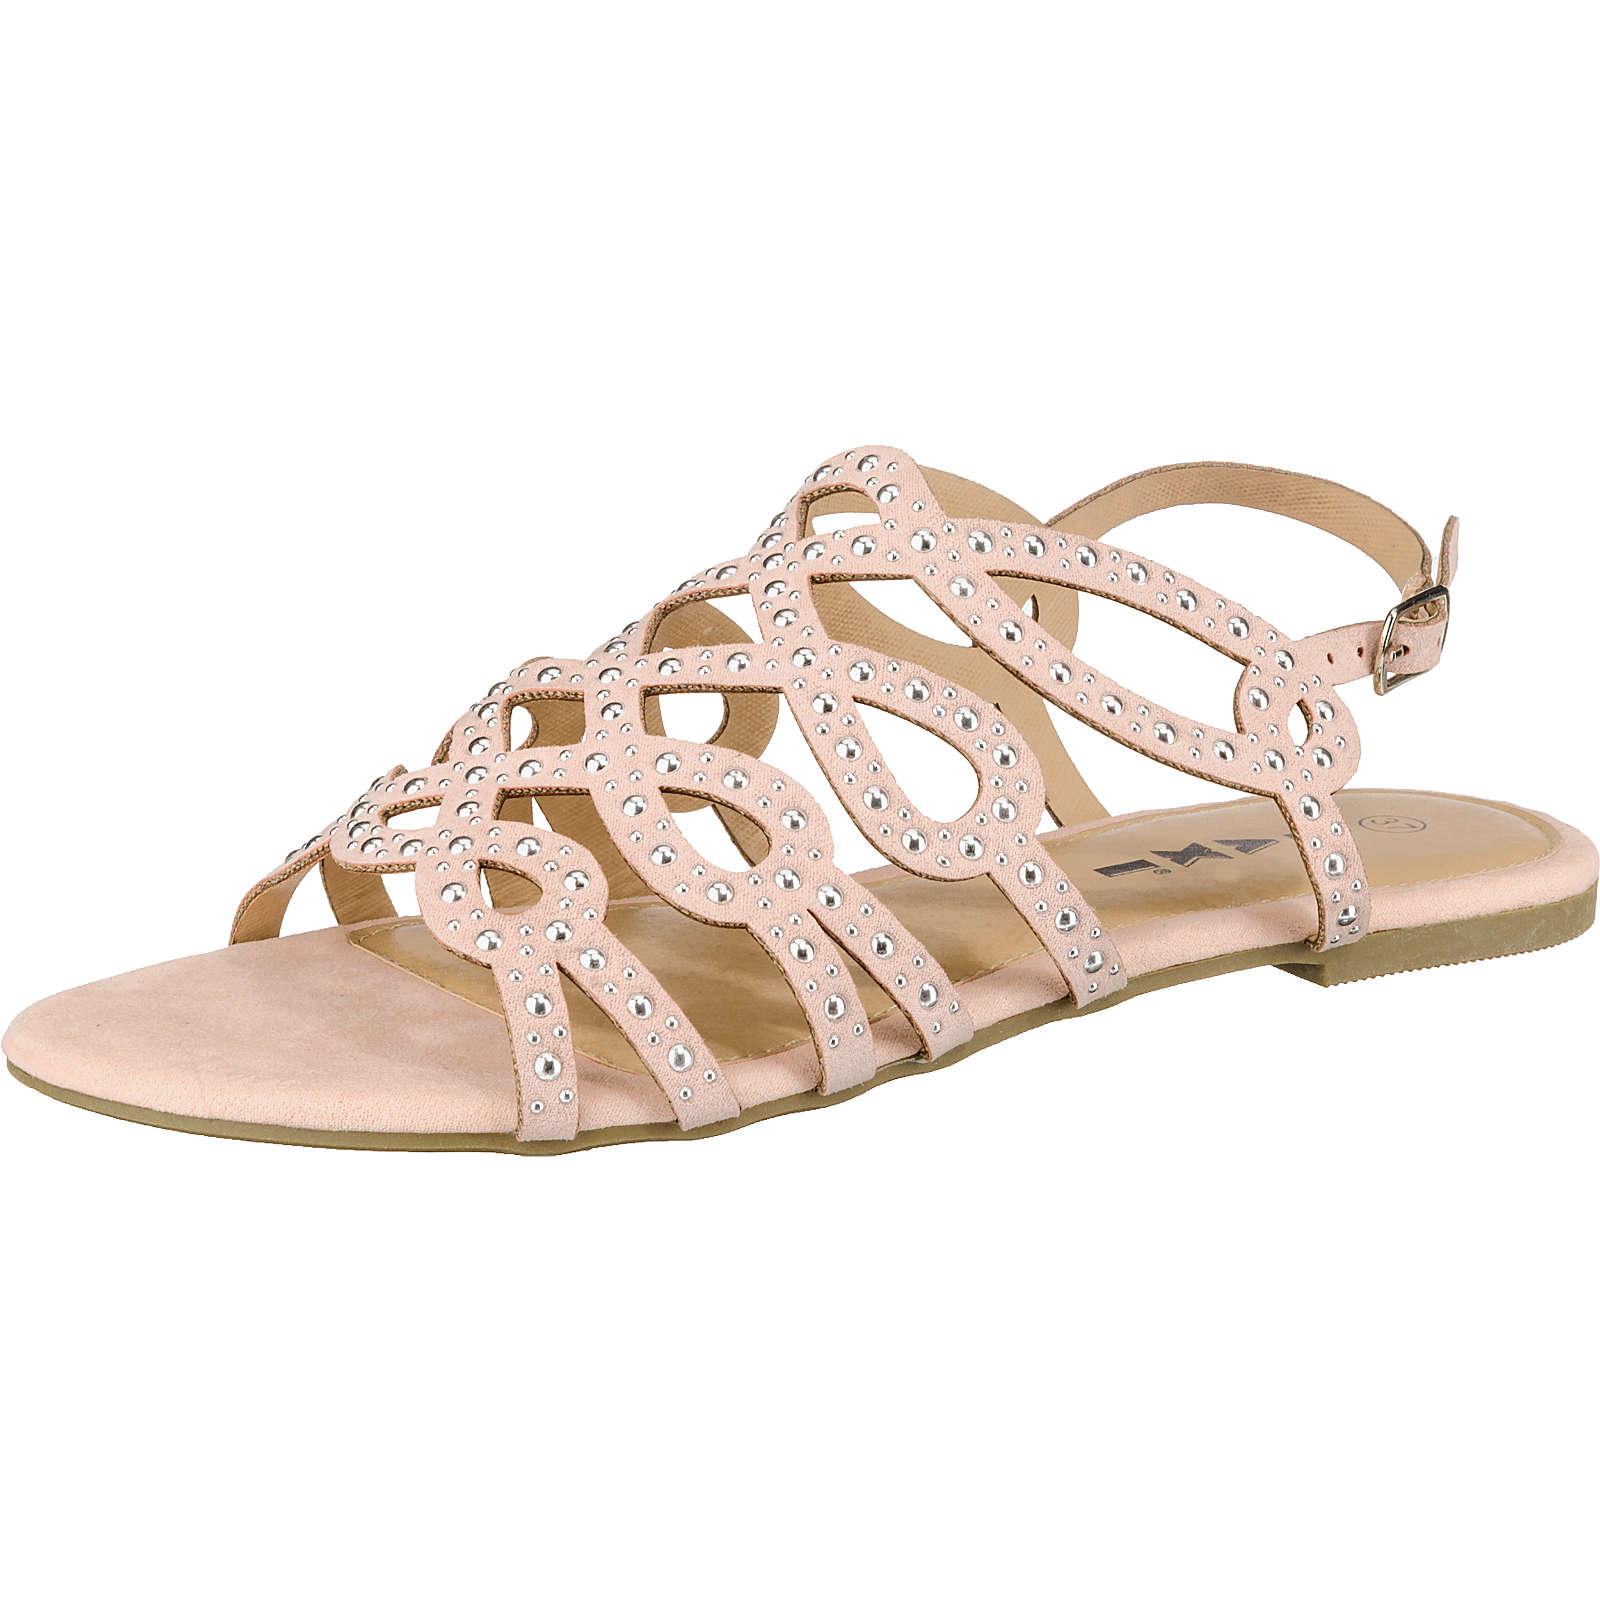 Taxi Shoes Riemchensandalen rosa Damen Gr. 36